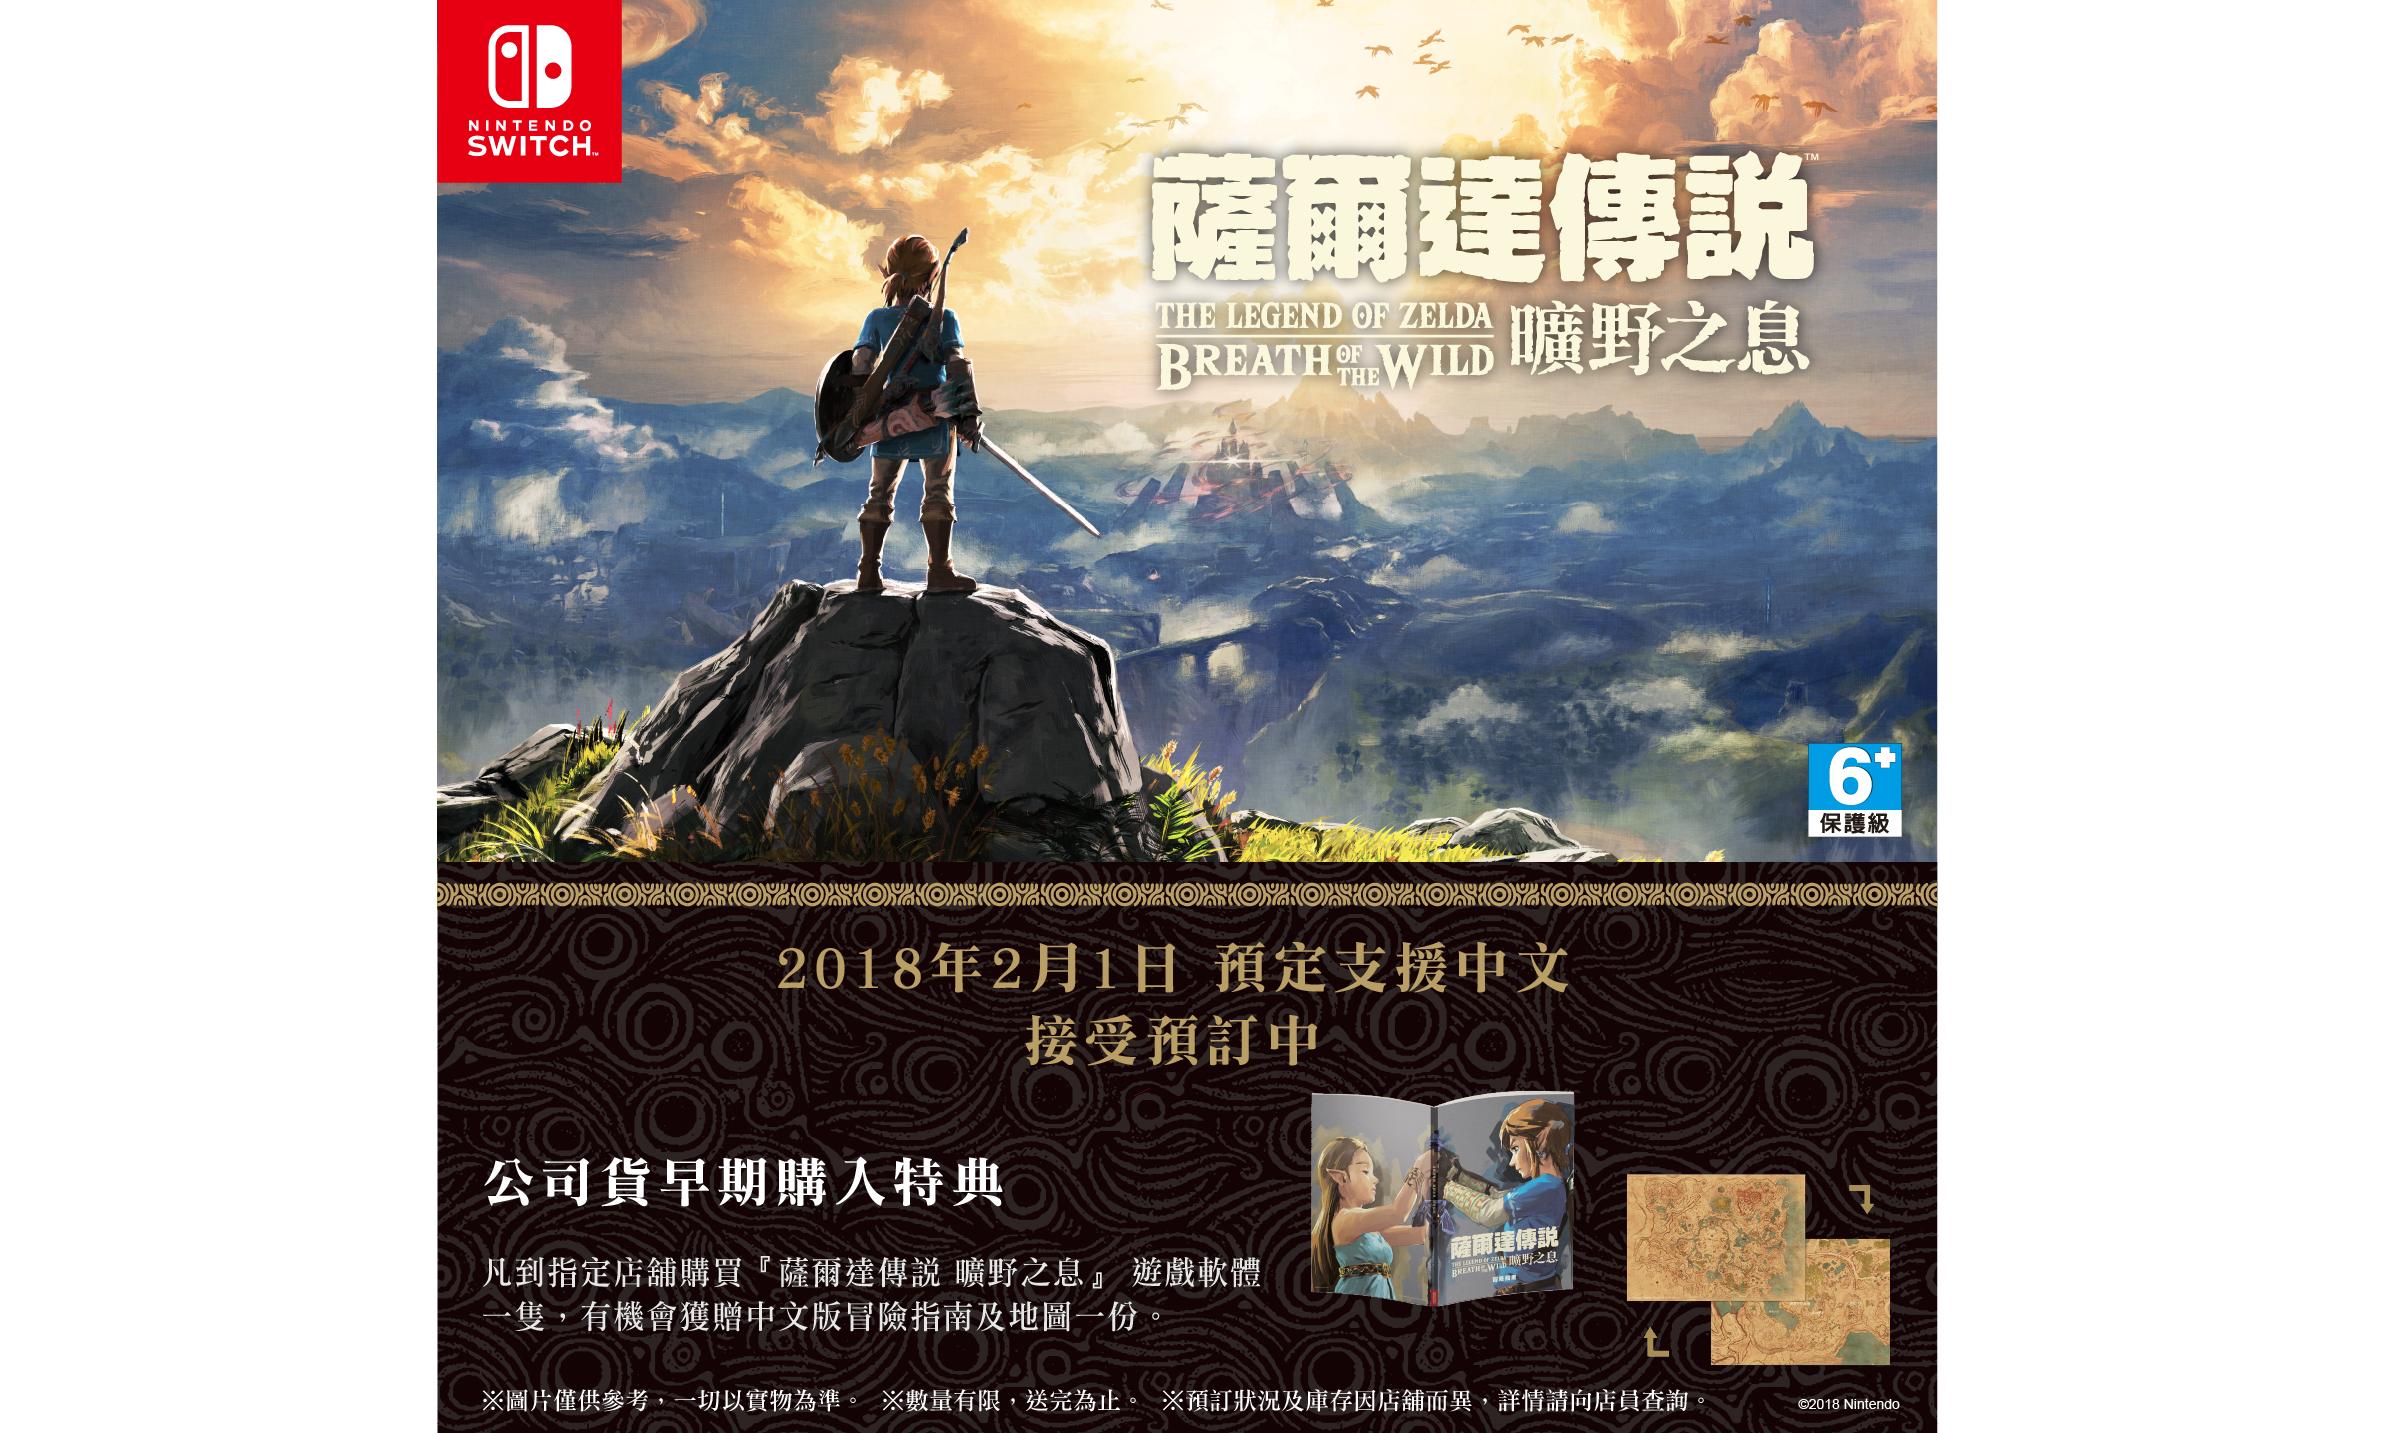 《塞尔达传说:荒野之息》中文版推出,日版玩家可通过升级获得